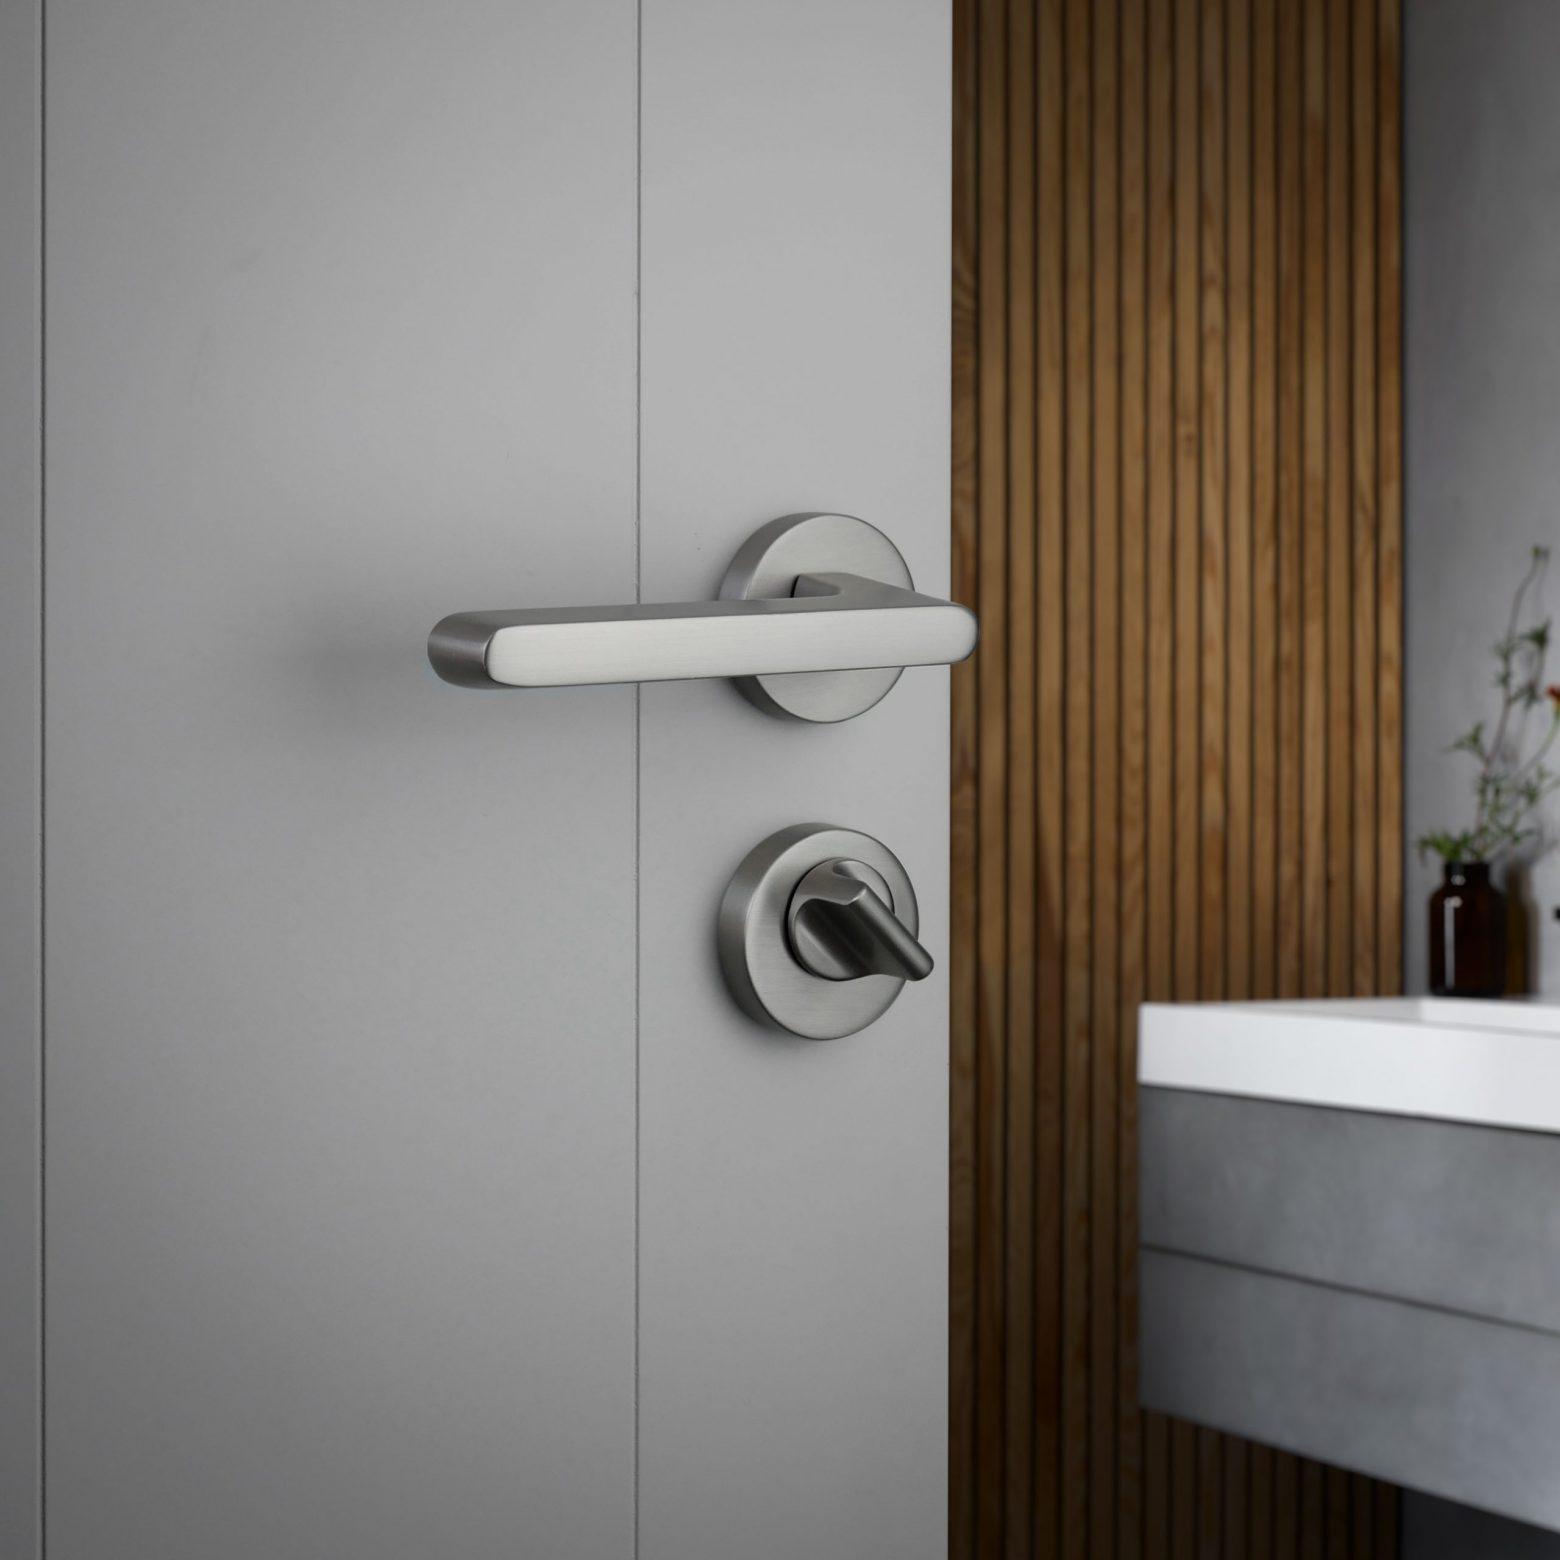 dörrhandtag-tavira-150-rostfri-beslag-design